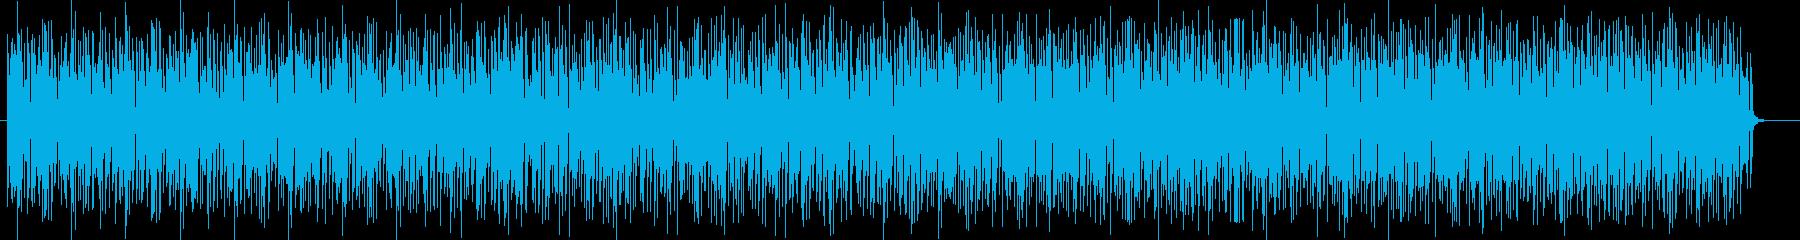 楽しげでおしゃれなシンセサイザーテクノの再生済みの波形